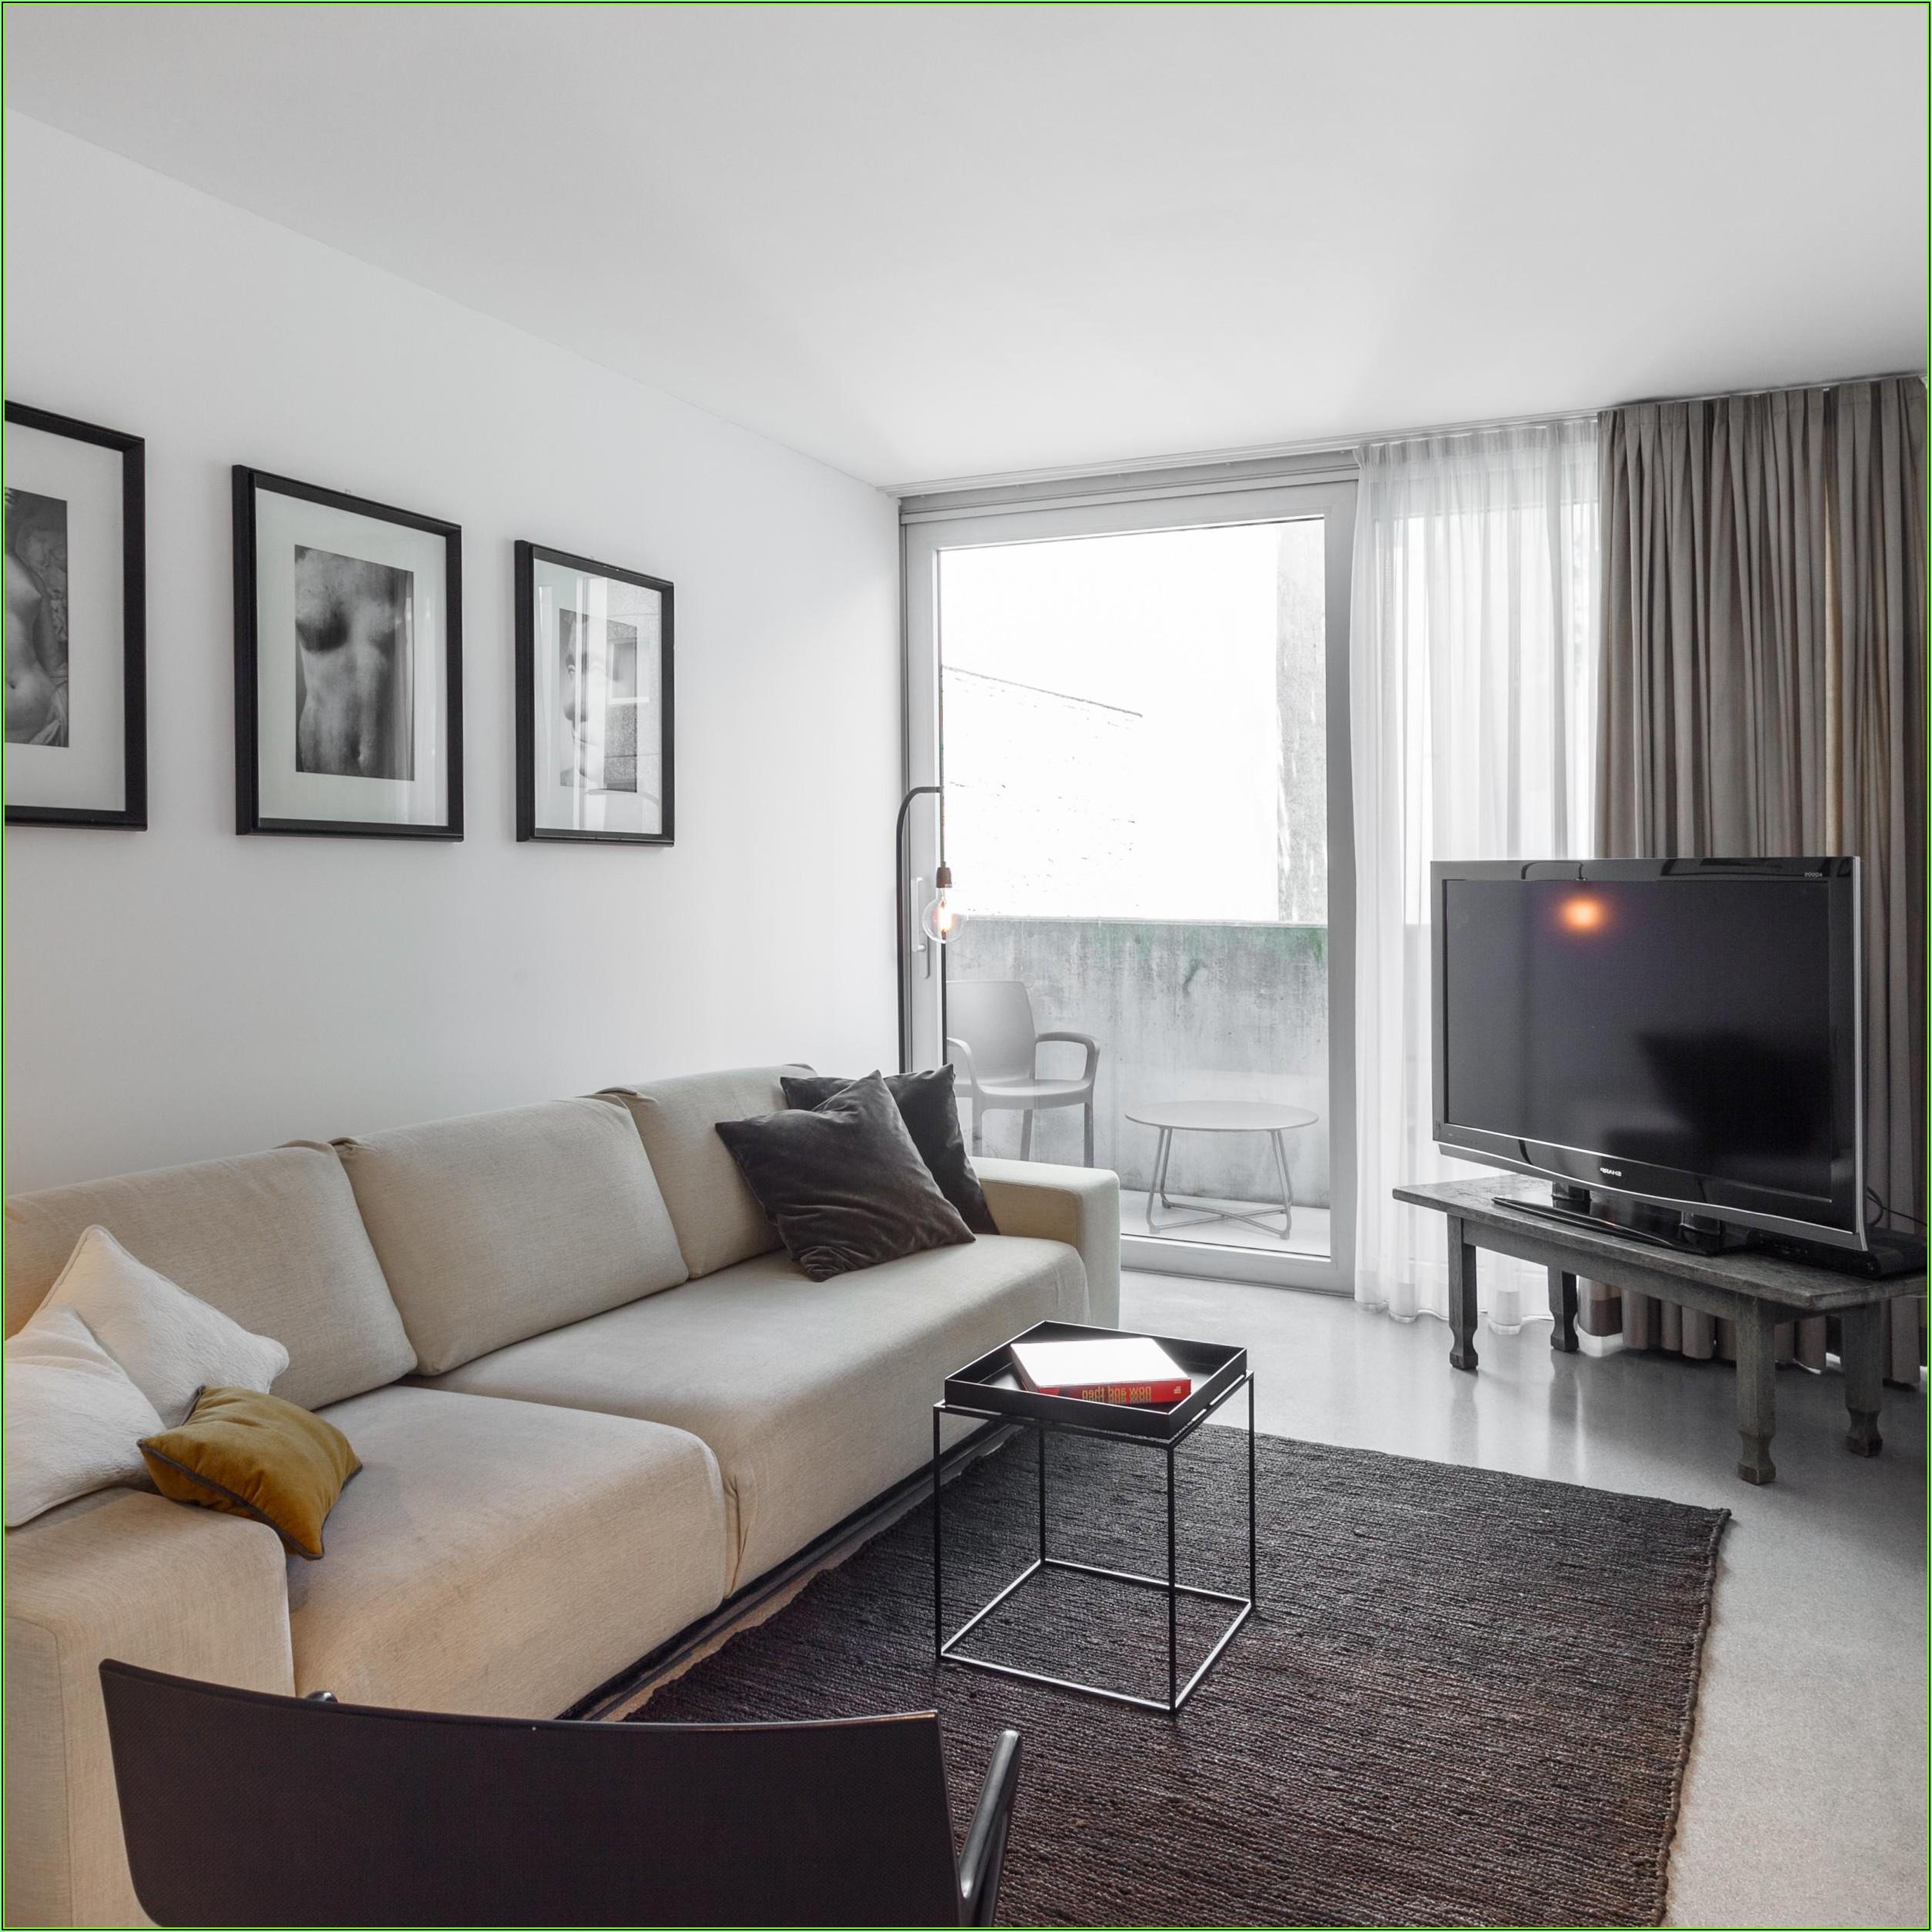 Bilder Wohnzimmer Couch